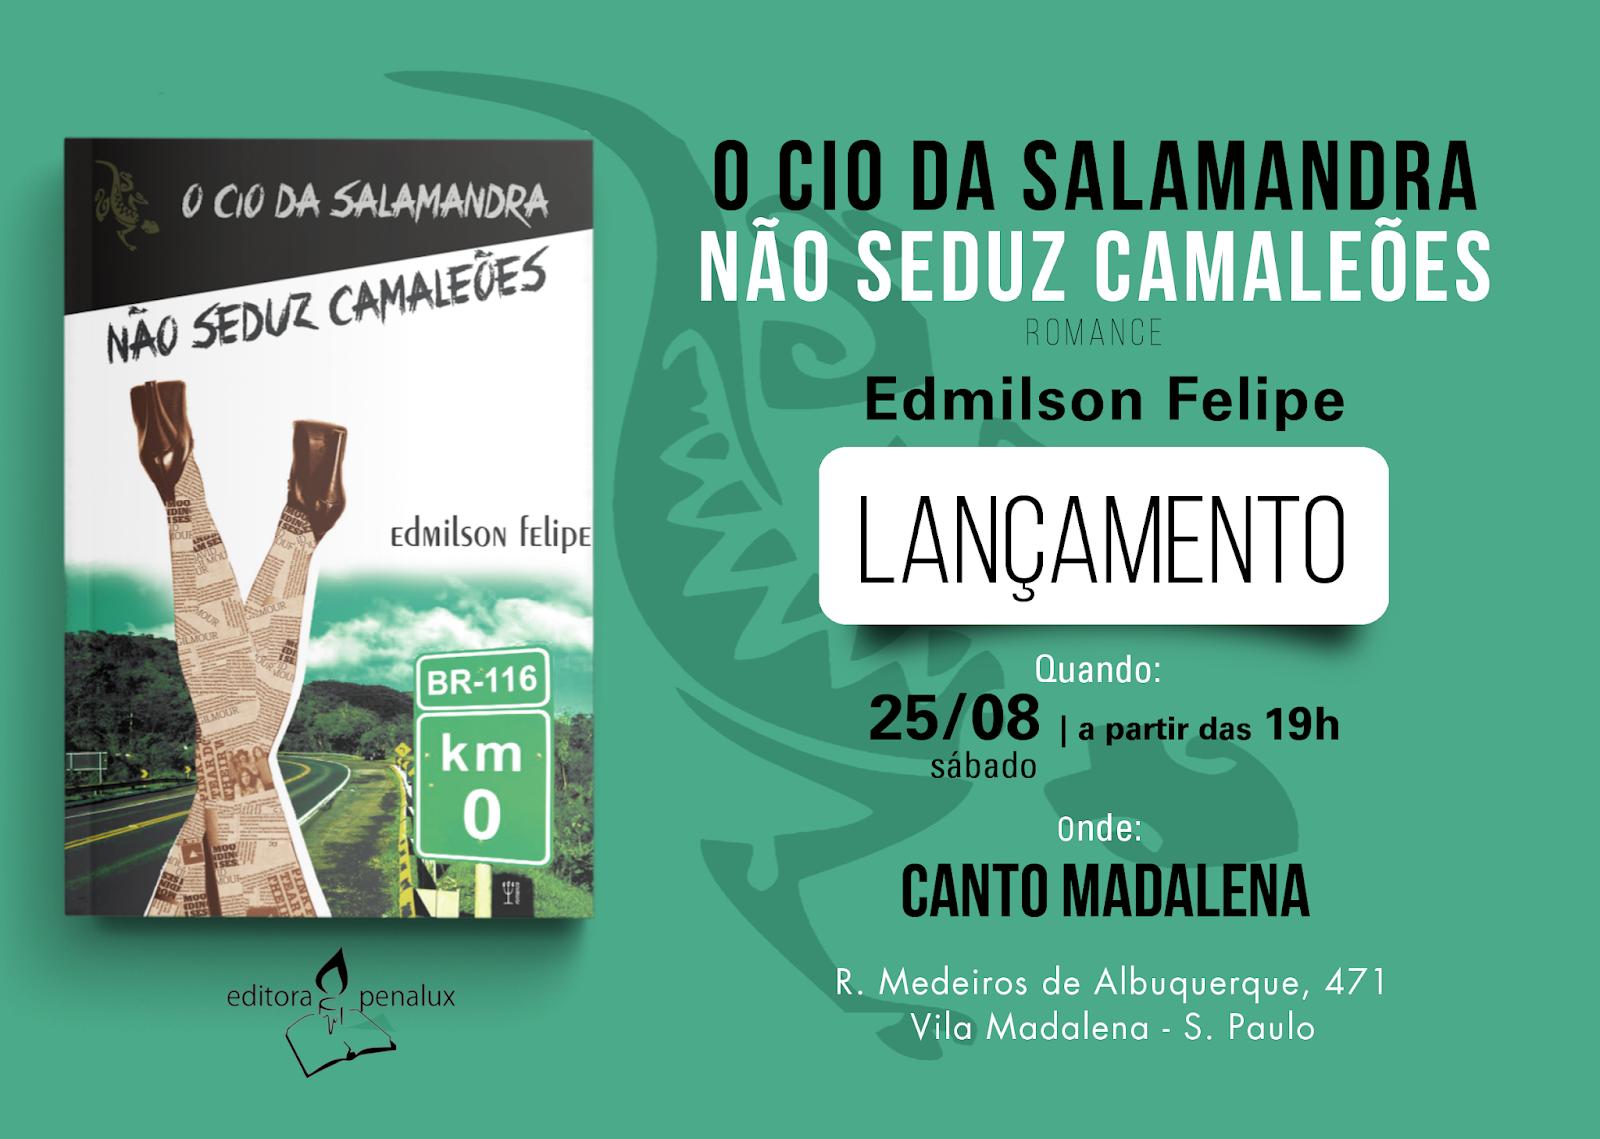 http   editorapenalux.com.br loja o-cio-da-salamandra-nao-seduz-camaleoes d747a9a947602